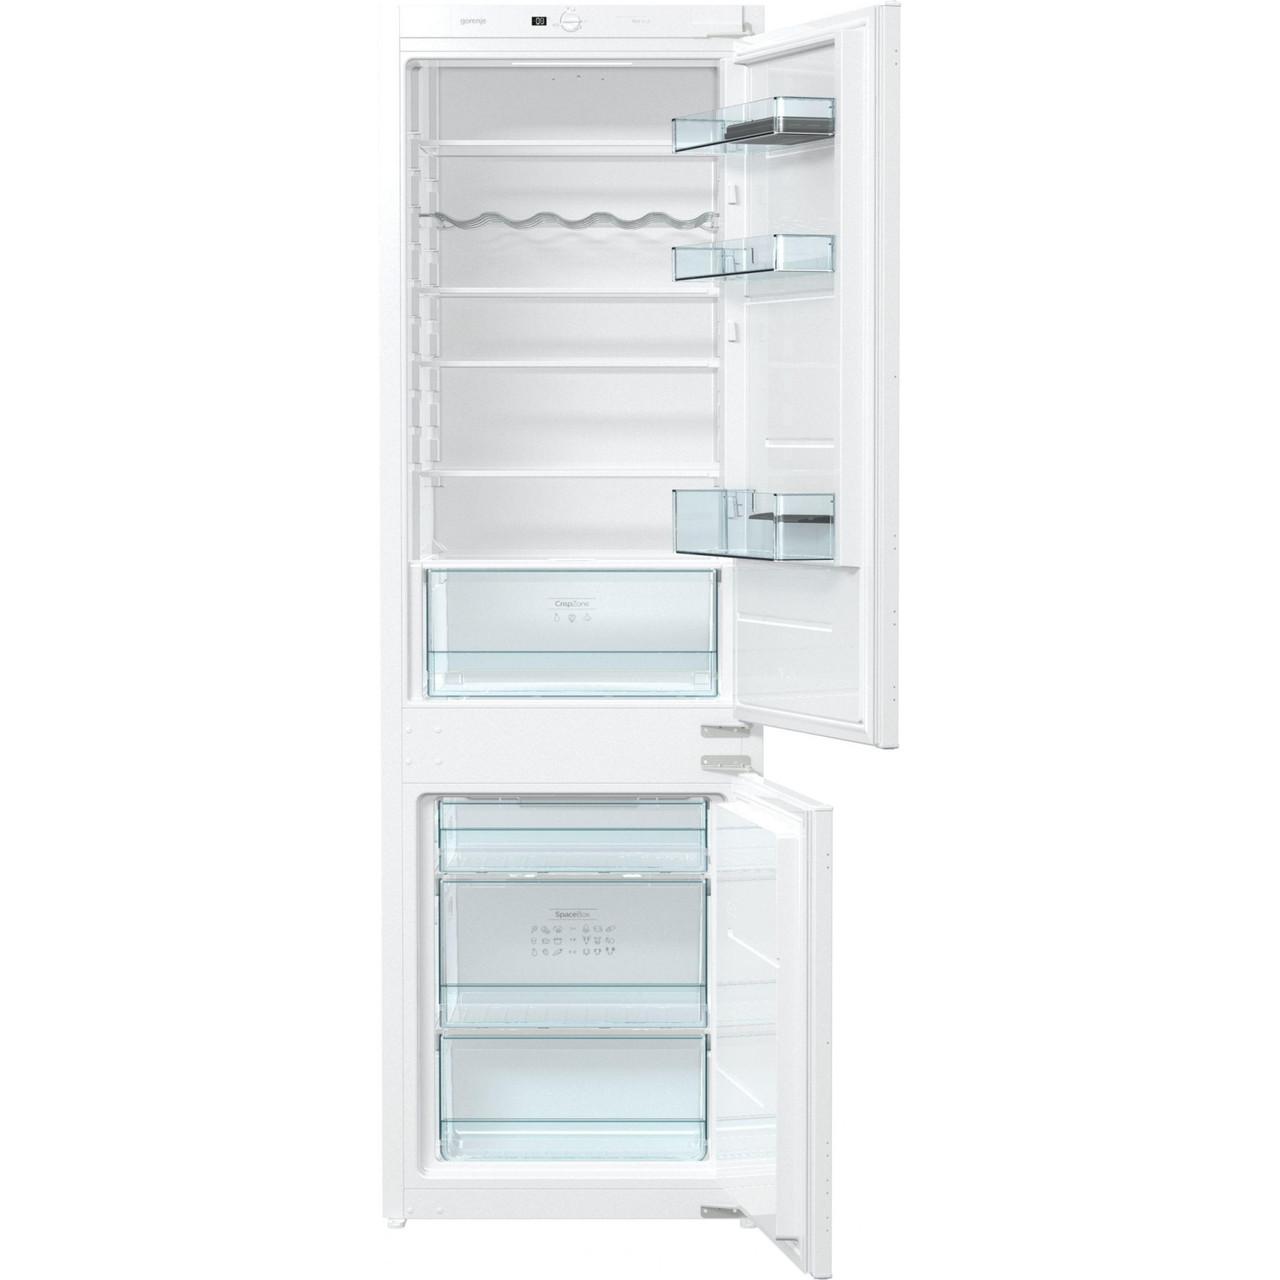 Холодильник з морозильною камерою Gorenje NRKI4181E1